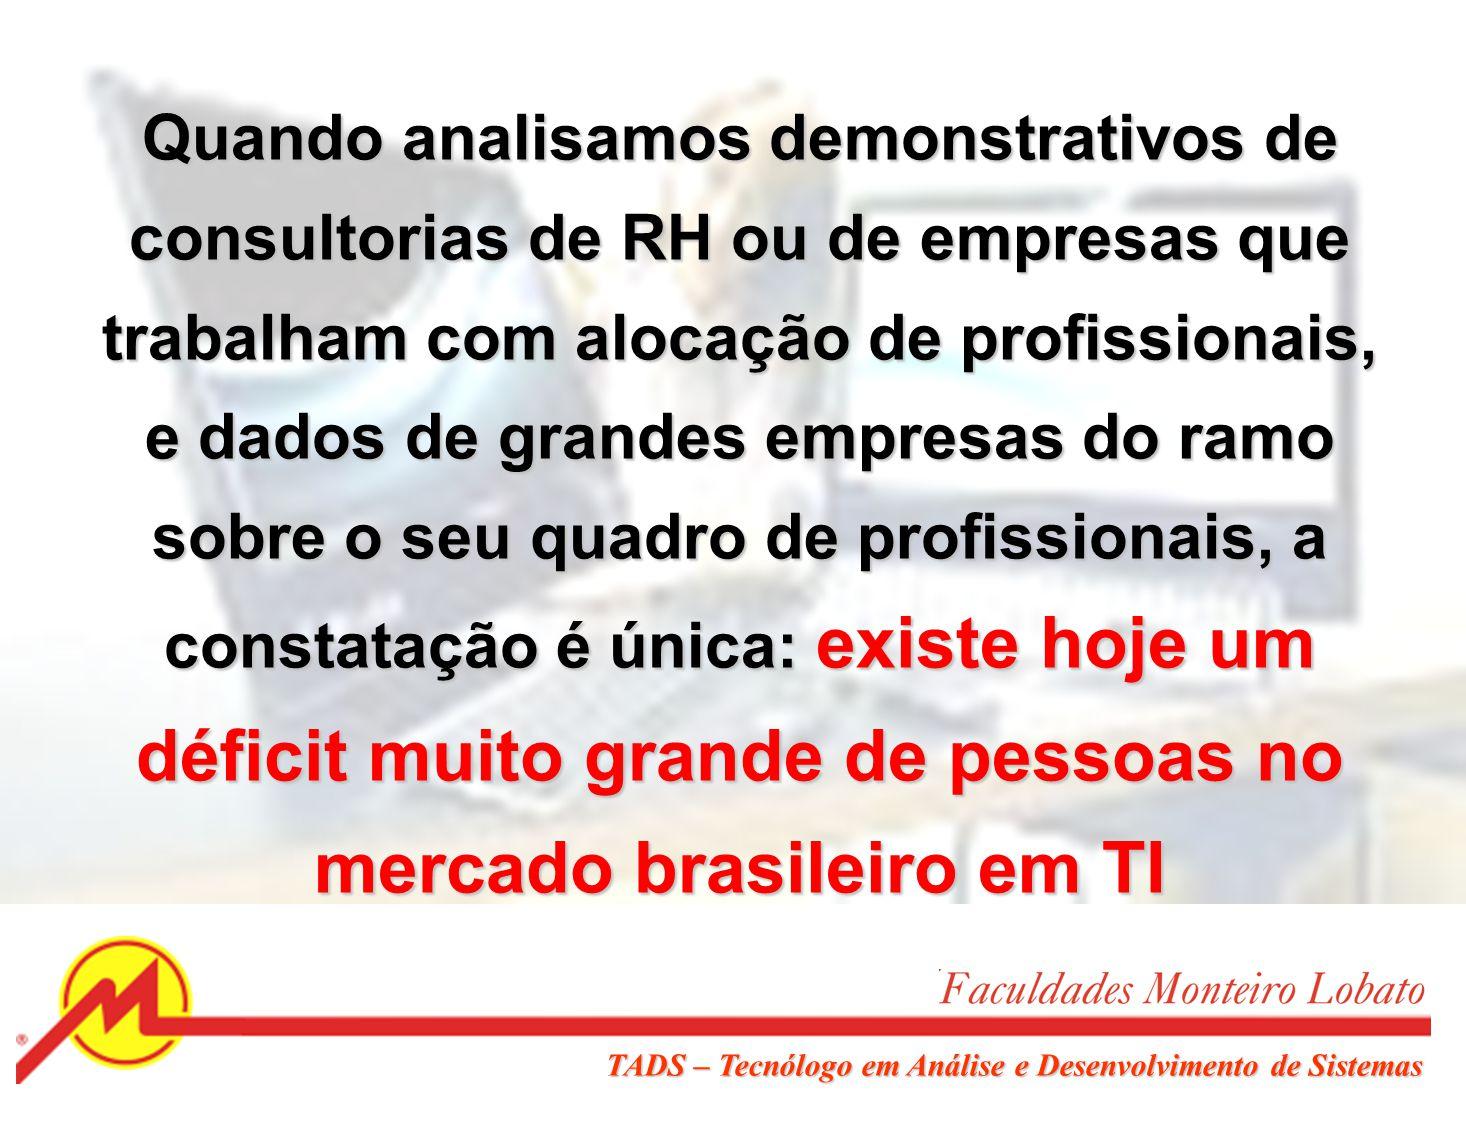 Quando analisamos demonstrativos de consultorias de RH ou de empresas que trabalham com alocação de profissionais, e dados de grandes empresas do ramo sobre o seu quadro de profissionais, a constatação é única: existe hoje um déficit muito grande de pessoas no mercado brasileiro em TI